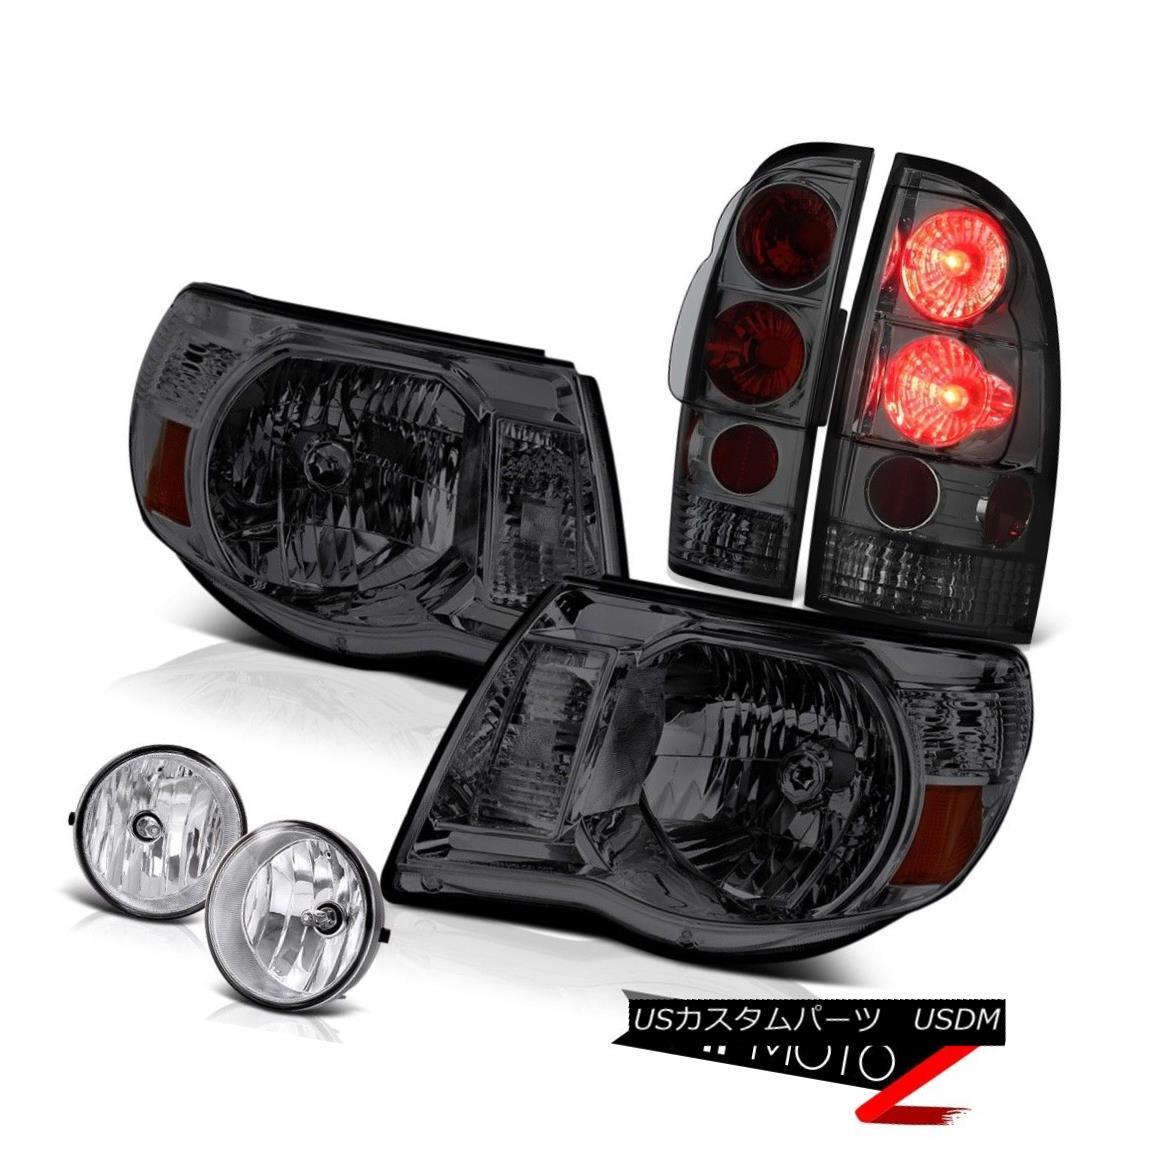 ヘッドライト Left Right Smoke Headlights Rear Brake Lights Chrome Fog 05-11 Tacoma X-Runner 左右スモークヘッドライトリアブレーキライトクロムフォグ05-11タコマXランナー